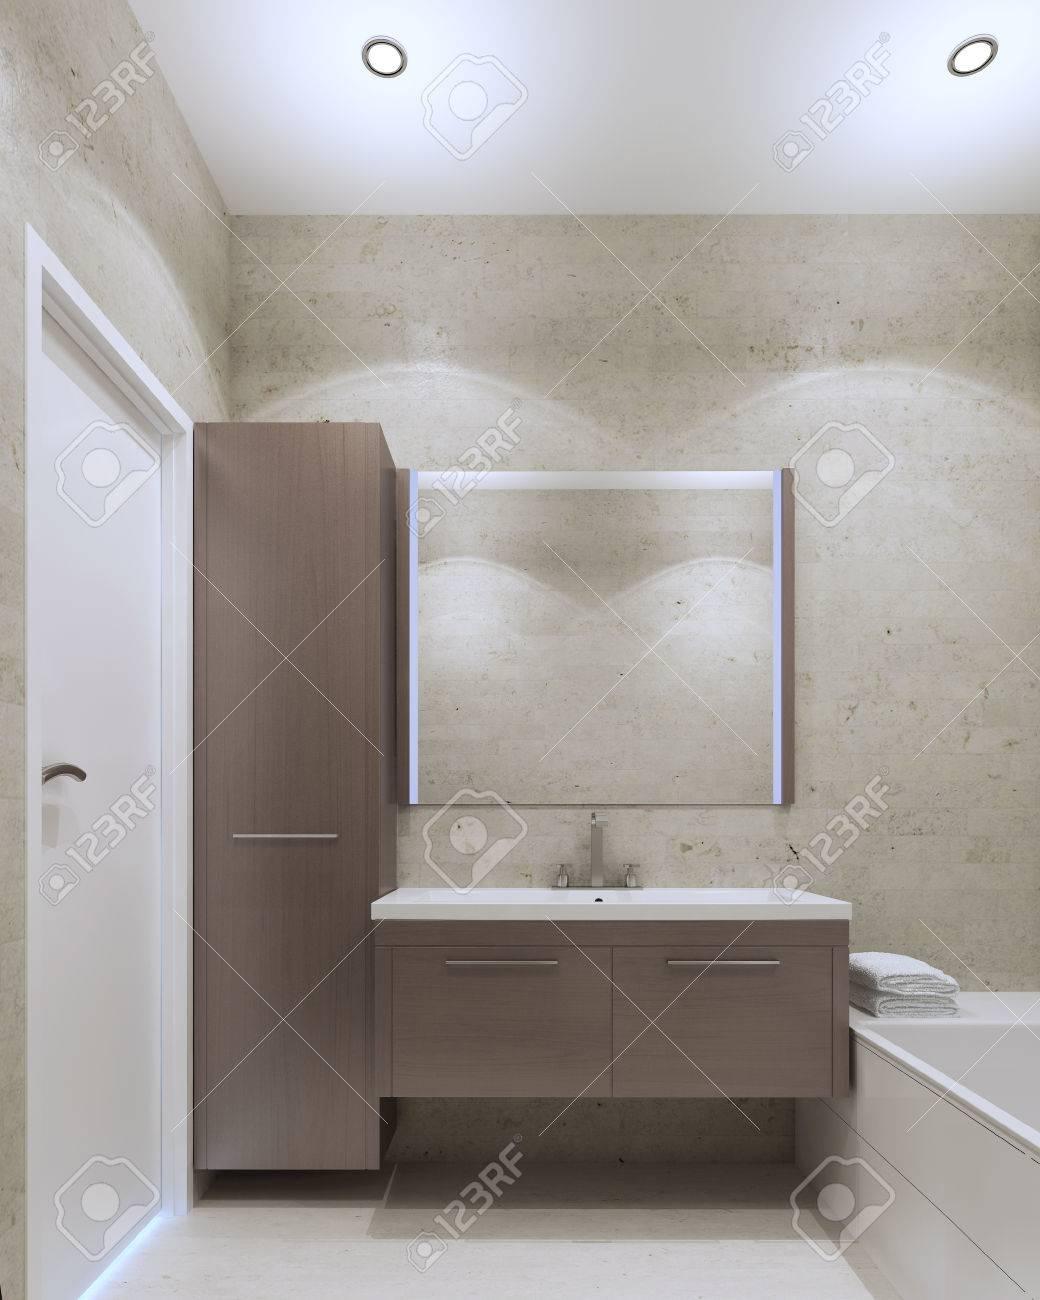 Banque Du0027images   Minimaliste Intérieur Privé De Salle De Bains Avec Du  Plâtre Texturé Mur De Couleur Gris Olive Et Meubles De Taupe Moyen. 3D  Render